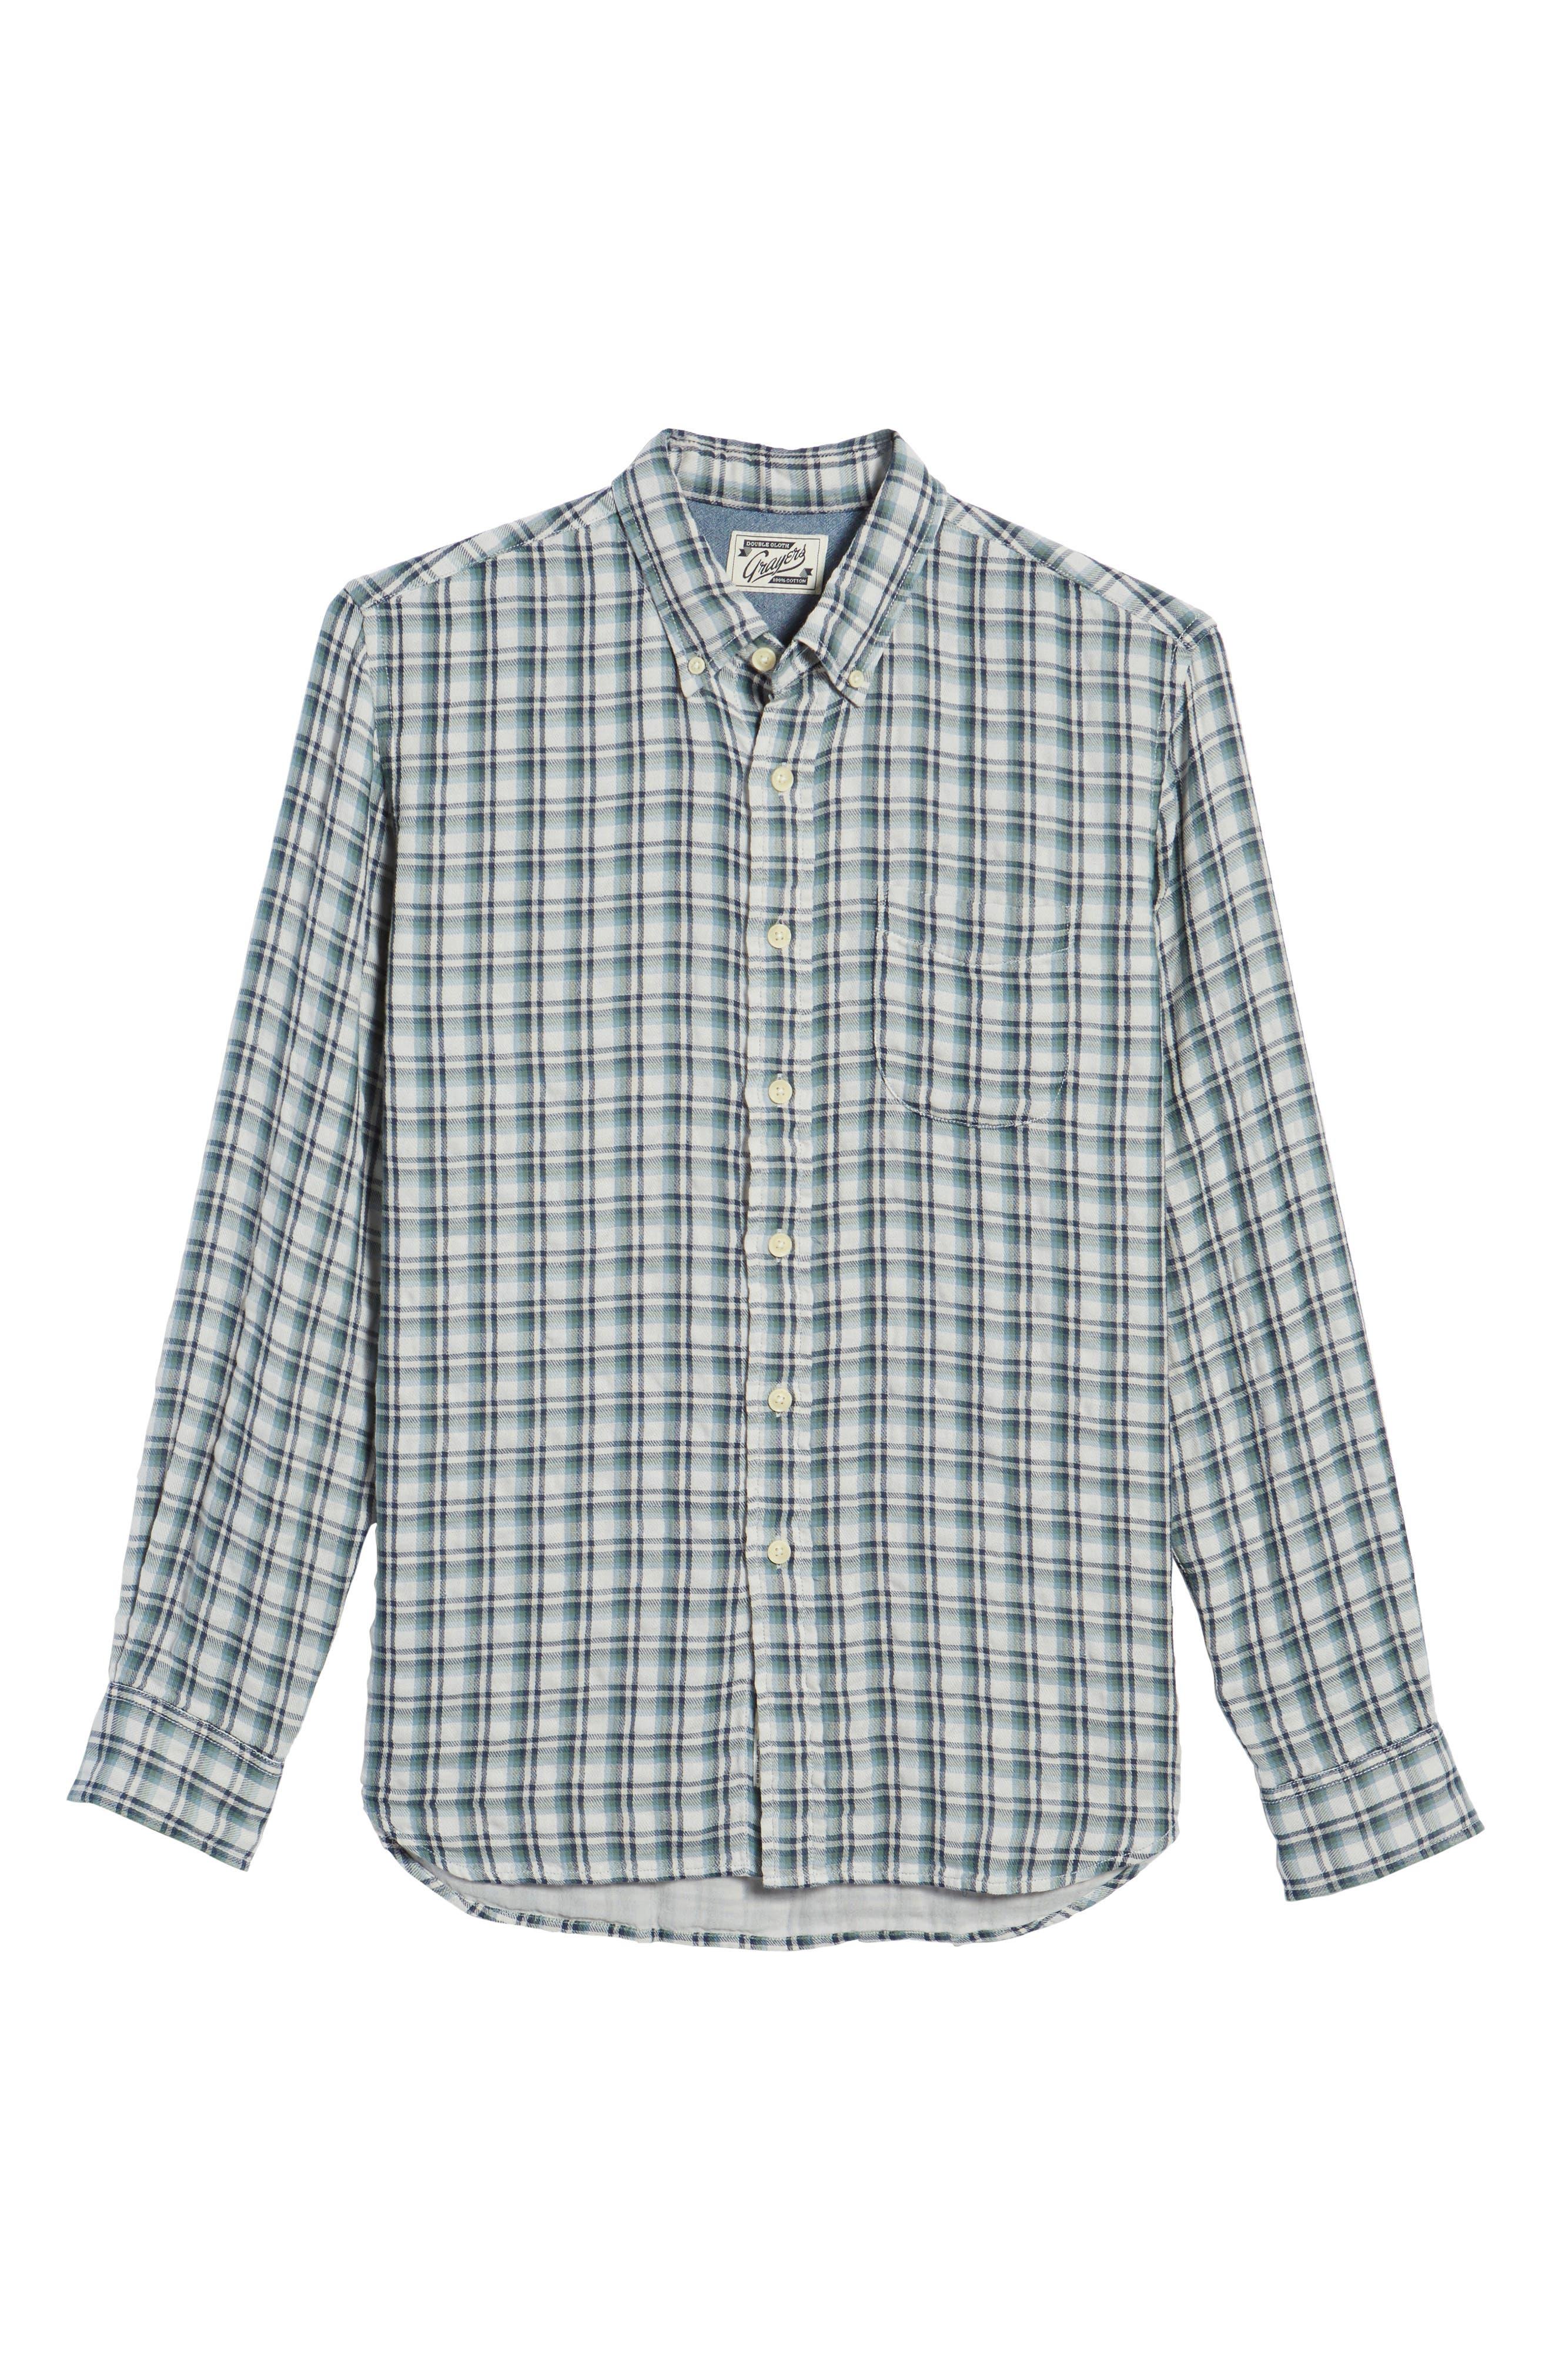 GRAYERS,                             Boulder Double Cloth Plaid Sport Shirt,                             Alternate thumbnail 6, color,                             100